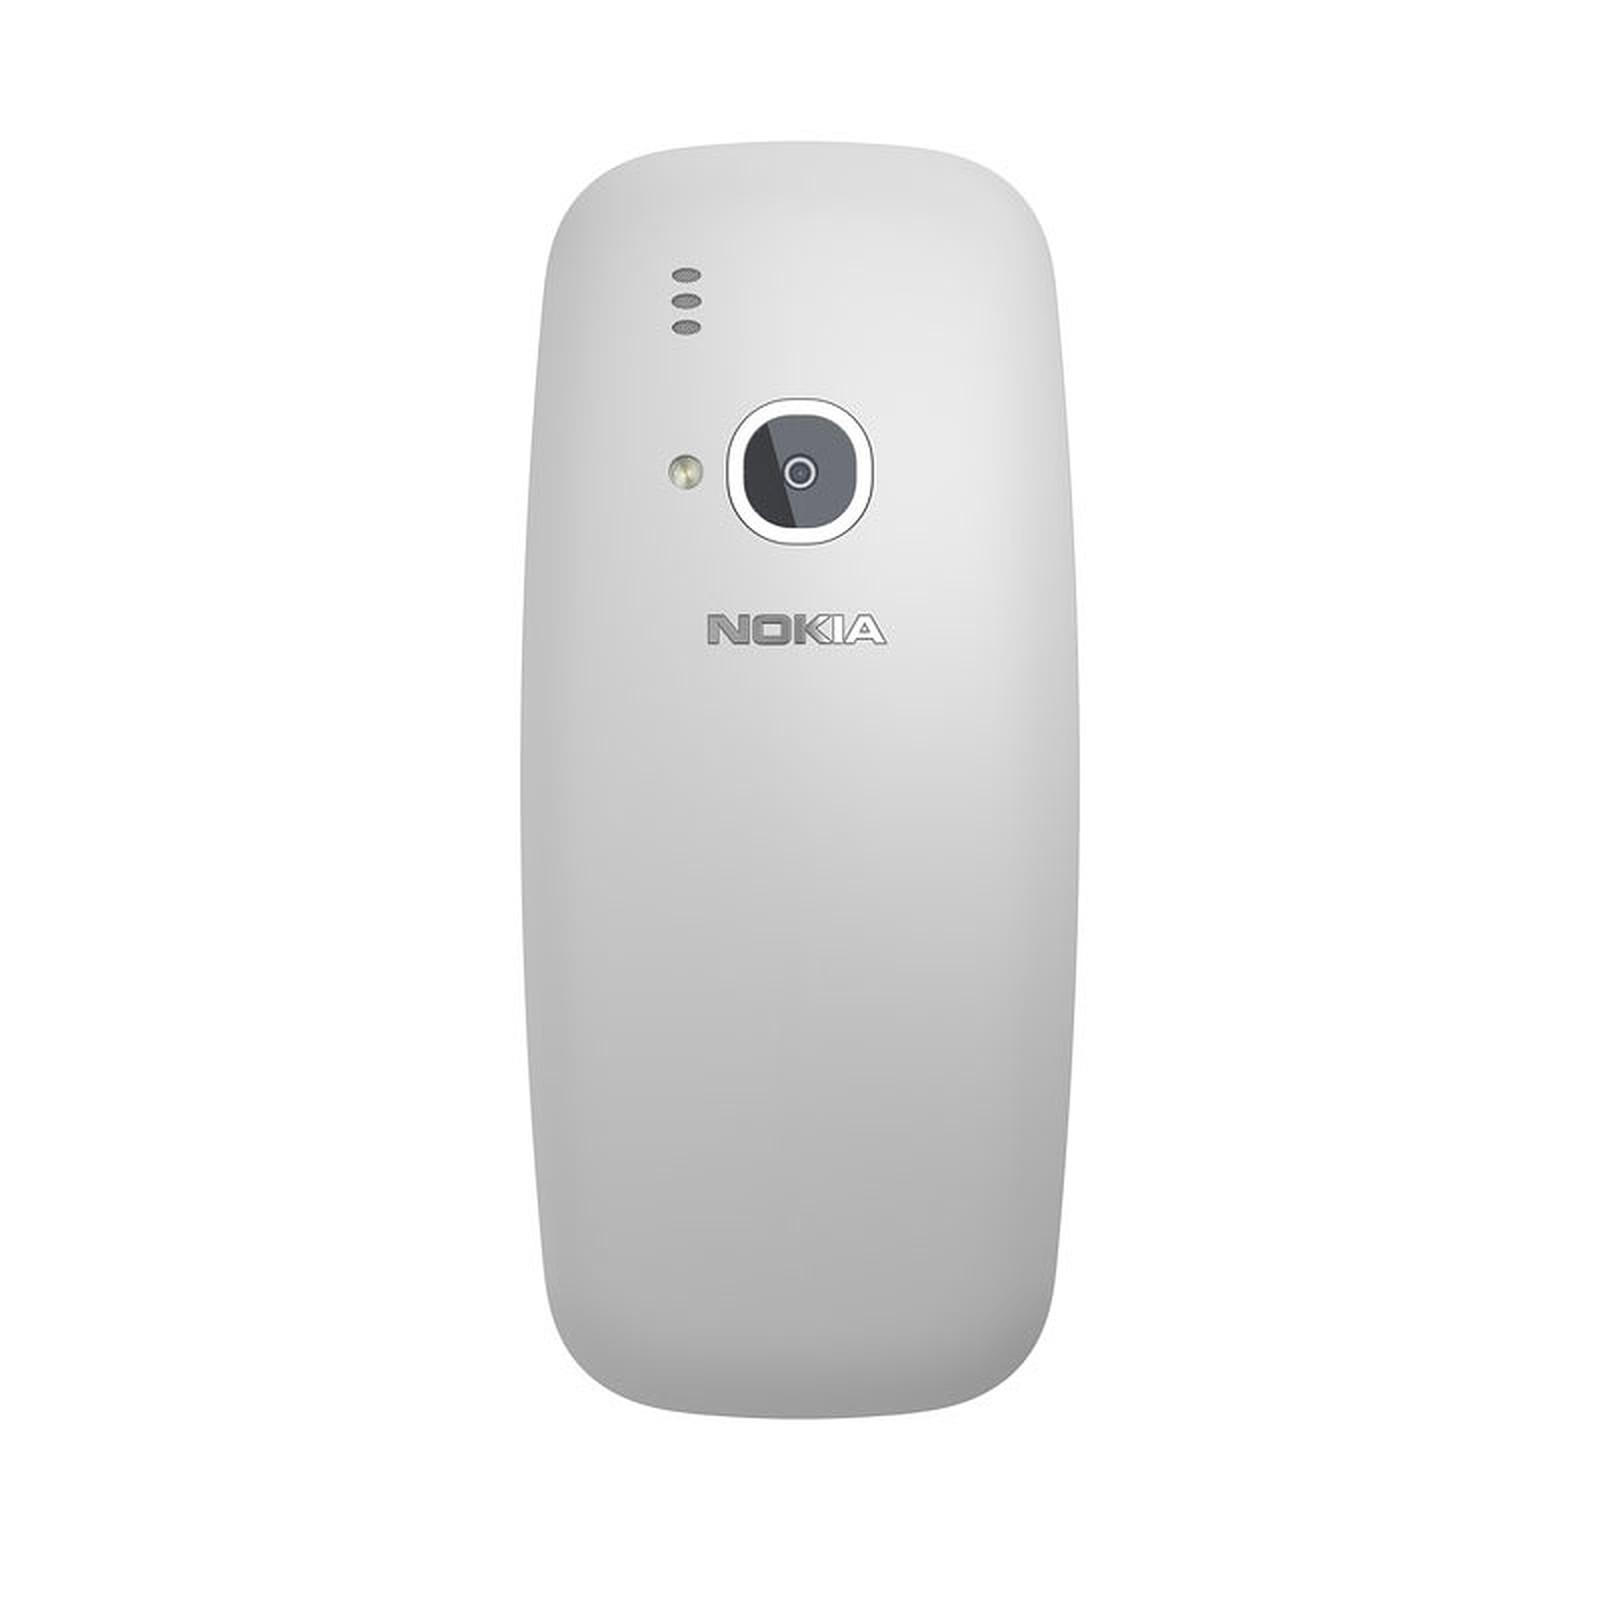 Nokia 3310 (2017) Dual Sim - Grey - Unlocked